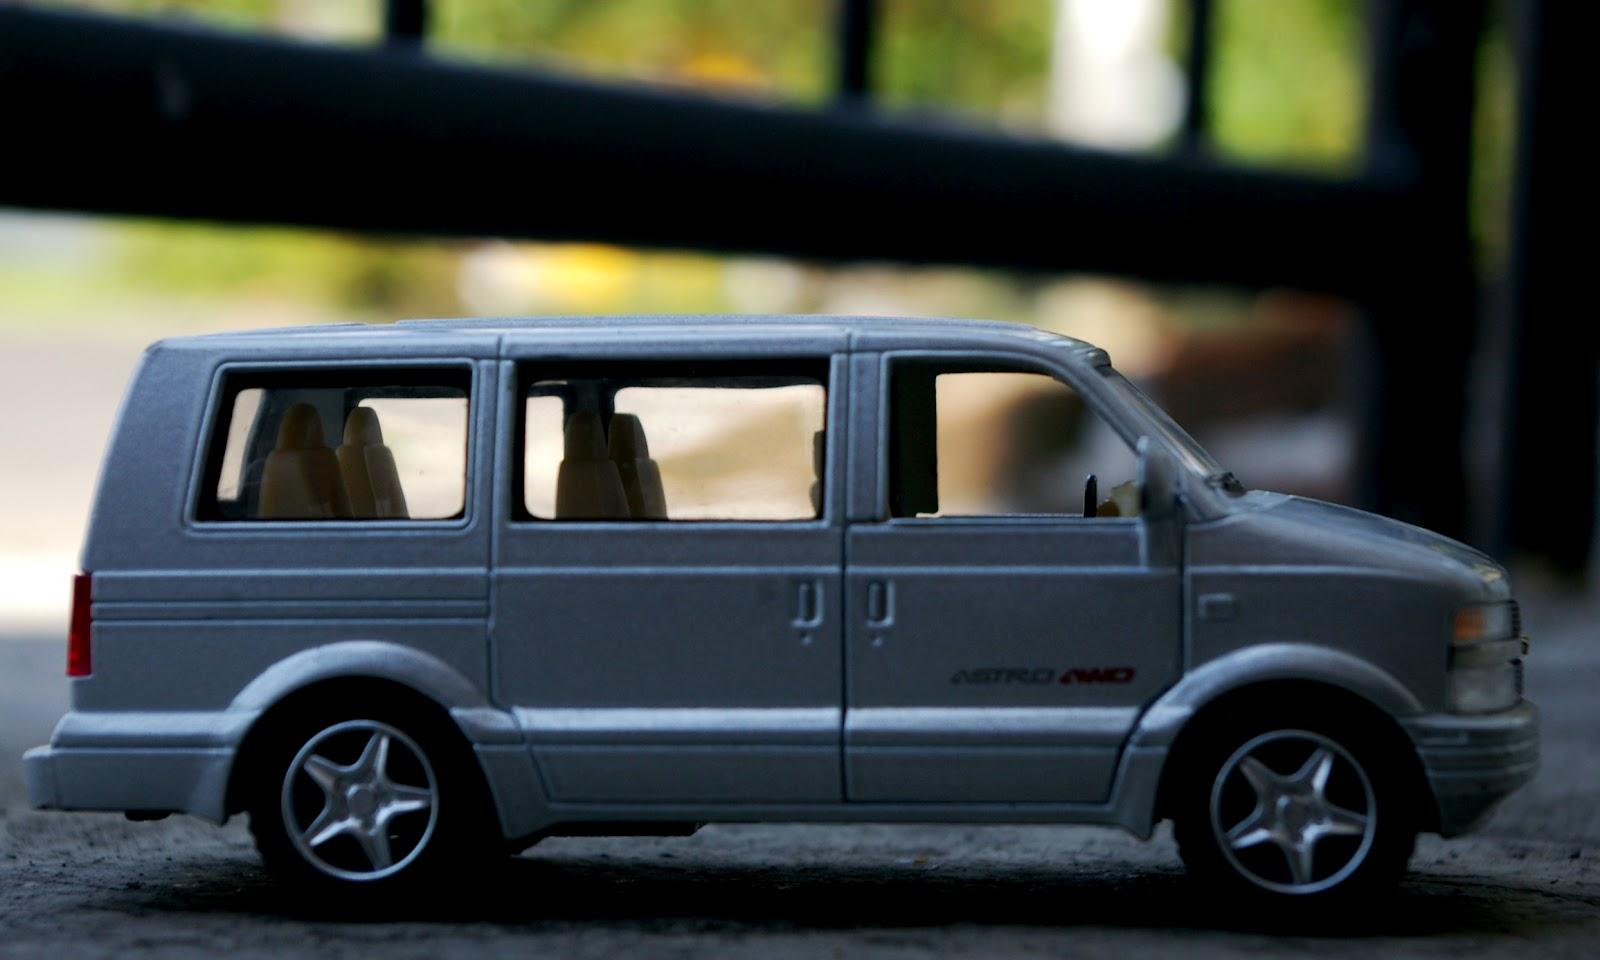 medium resolution of 1 38 kinsmart 2001 chevrolet astro van